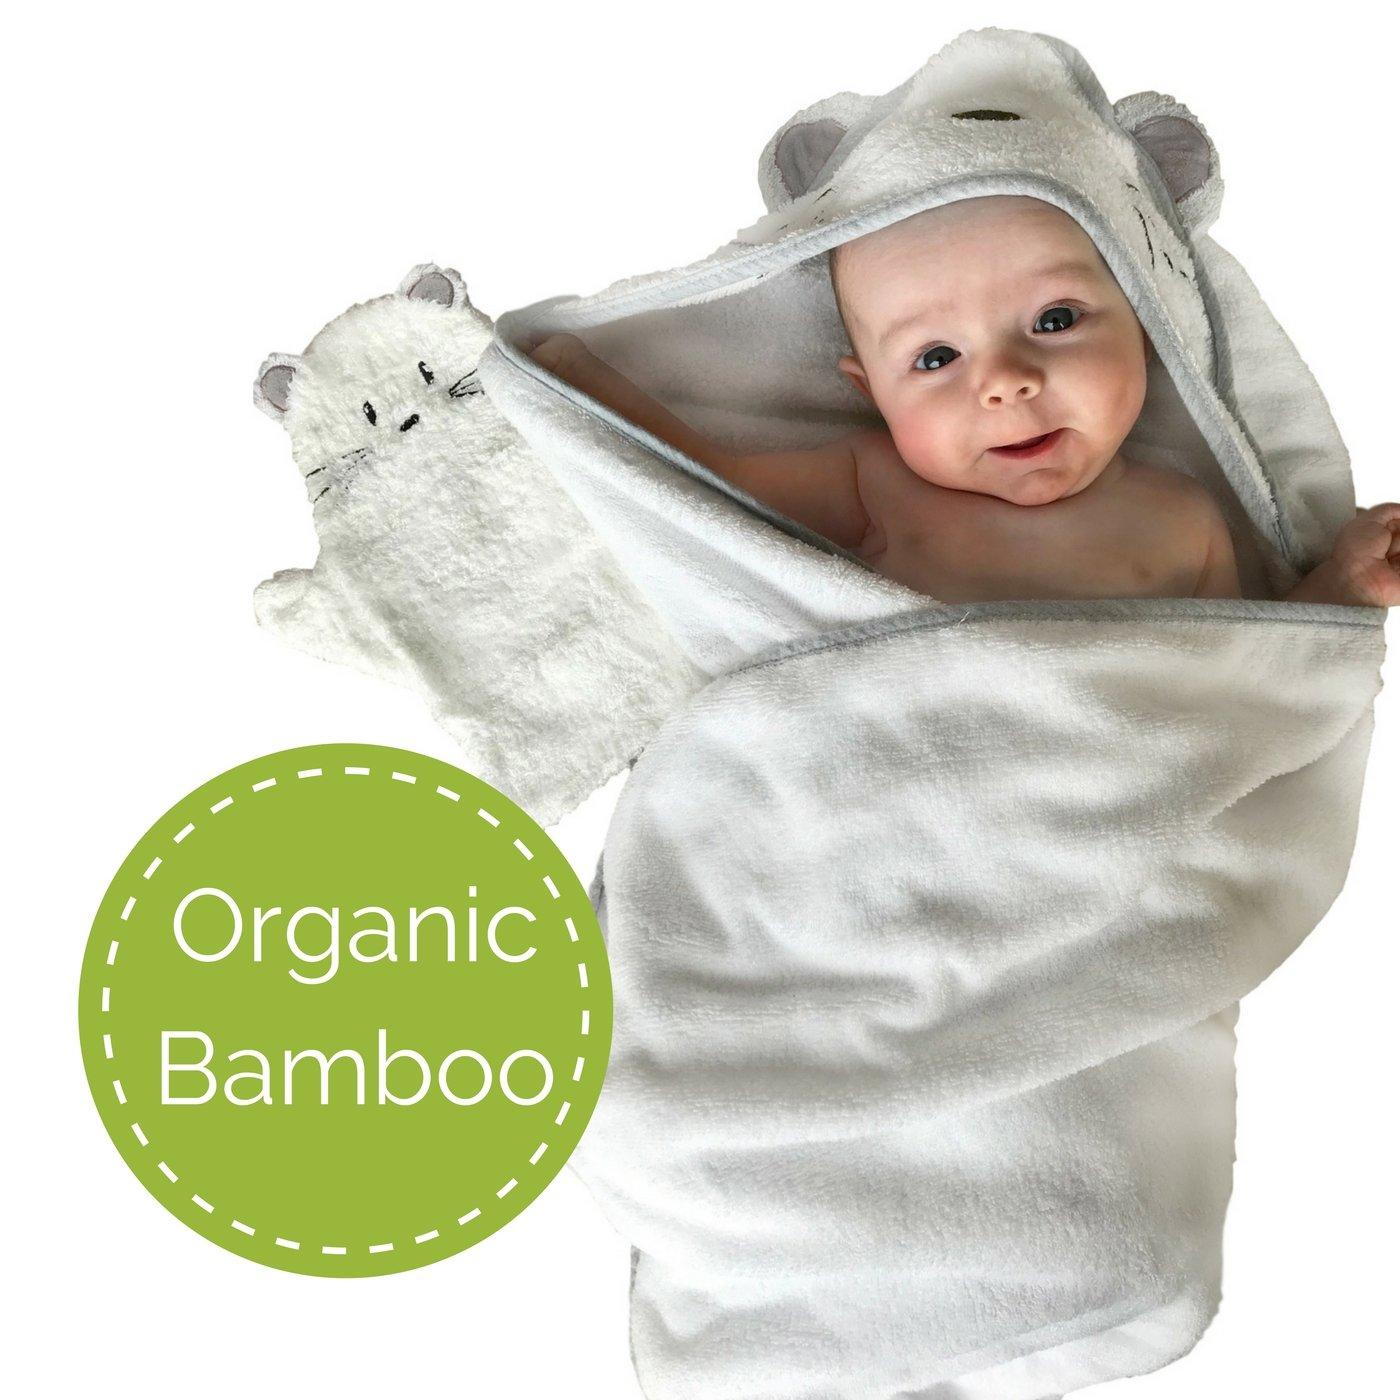 Tutti Bimbi Certified Bio-Zertifizierung Bambus Babyhandtuch mit Kapuze mit Waschhandschuh Set f/ür Neugeborene und Babywanne